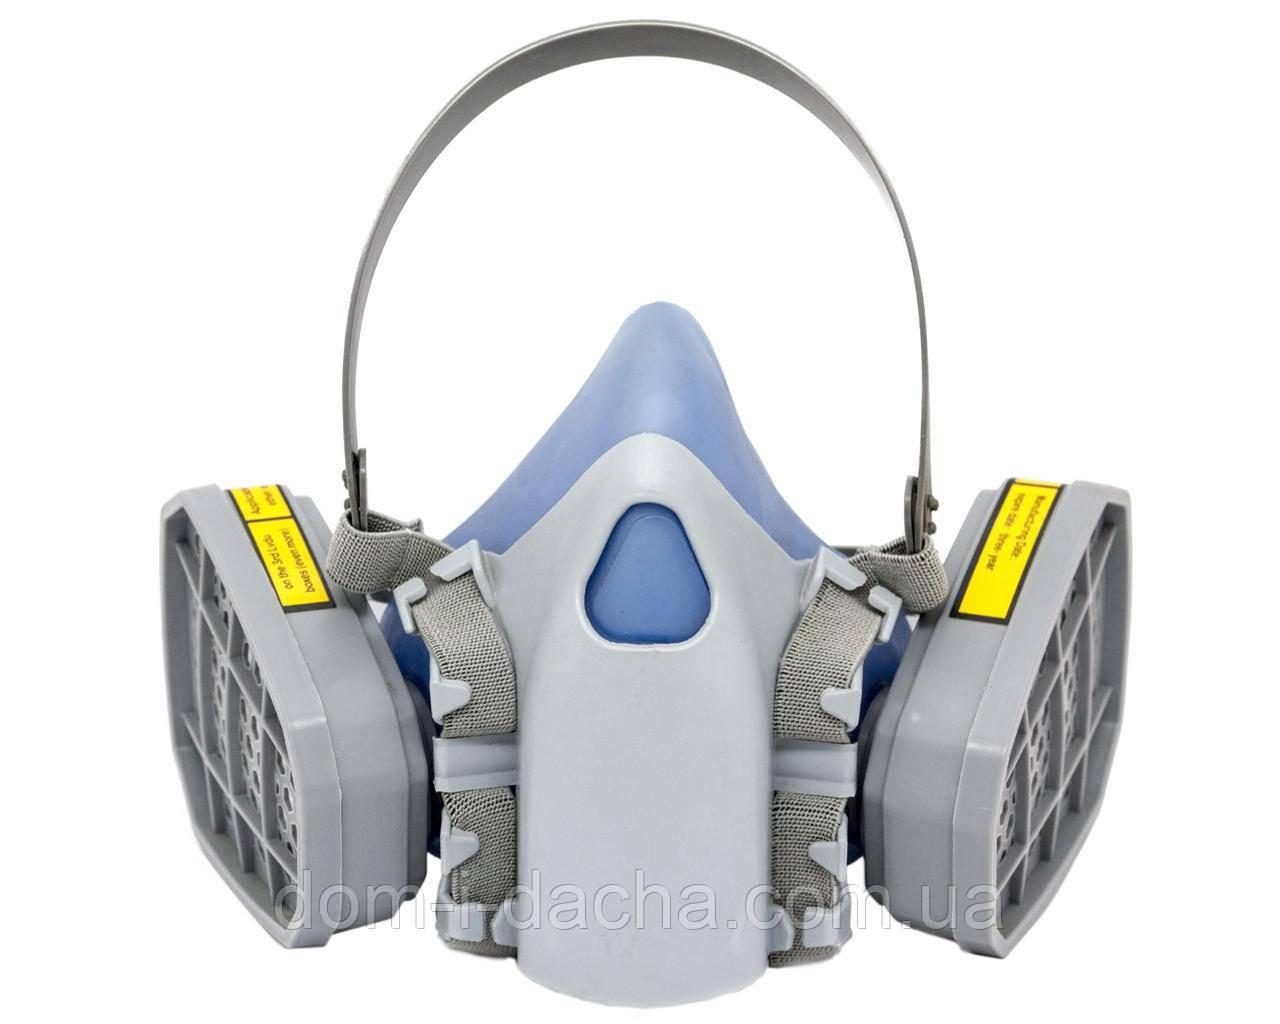 Респиратор  Сталкер-2 с двумя фильтрами марка А химическими (аналог 3М 7500)